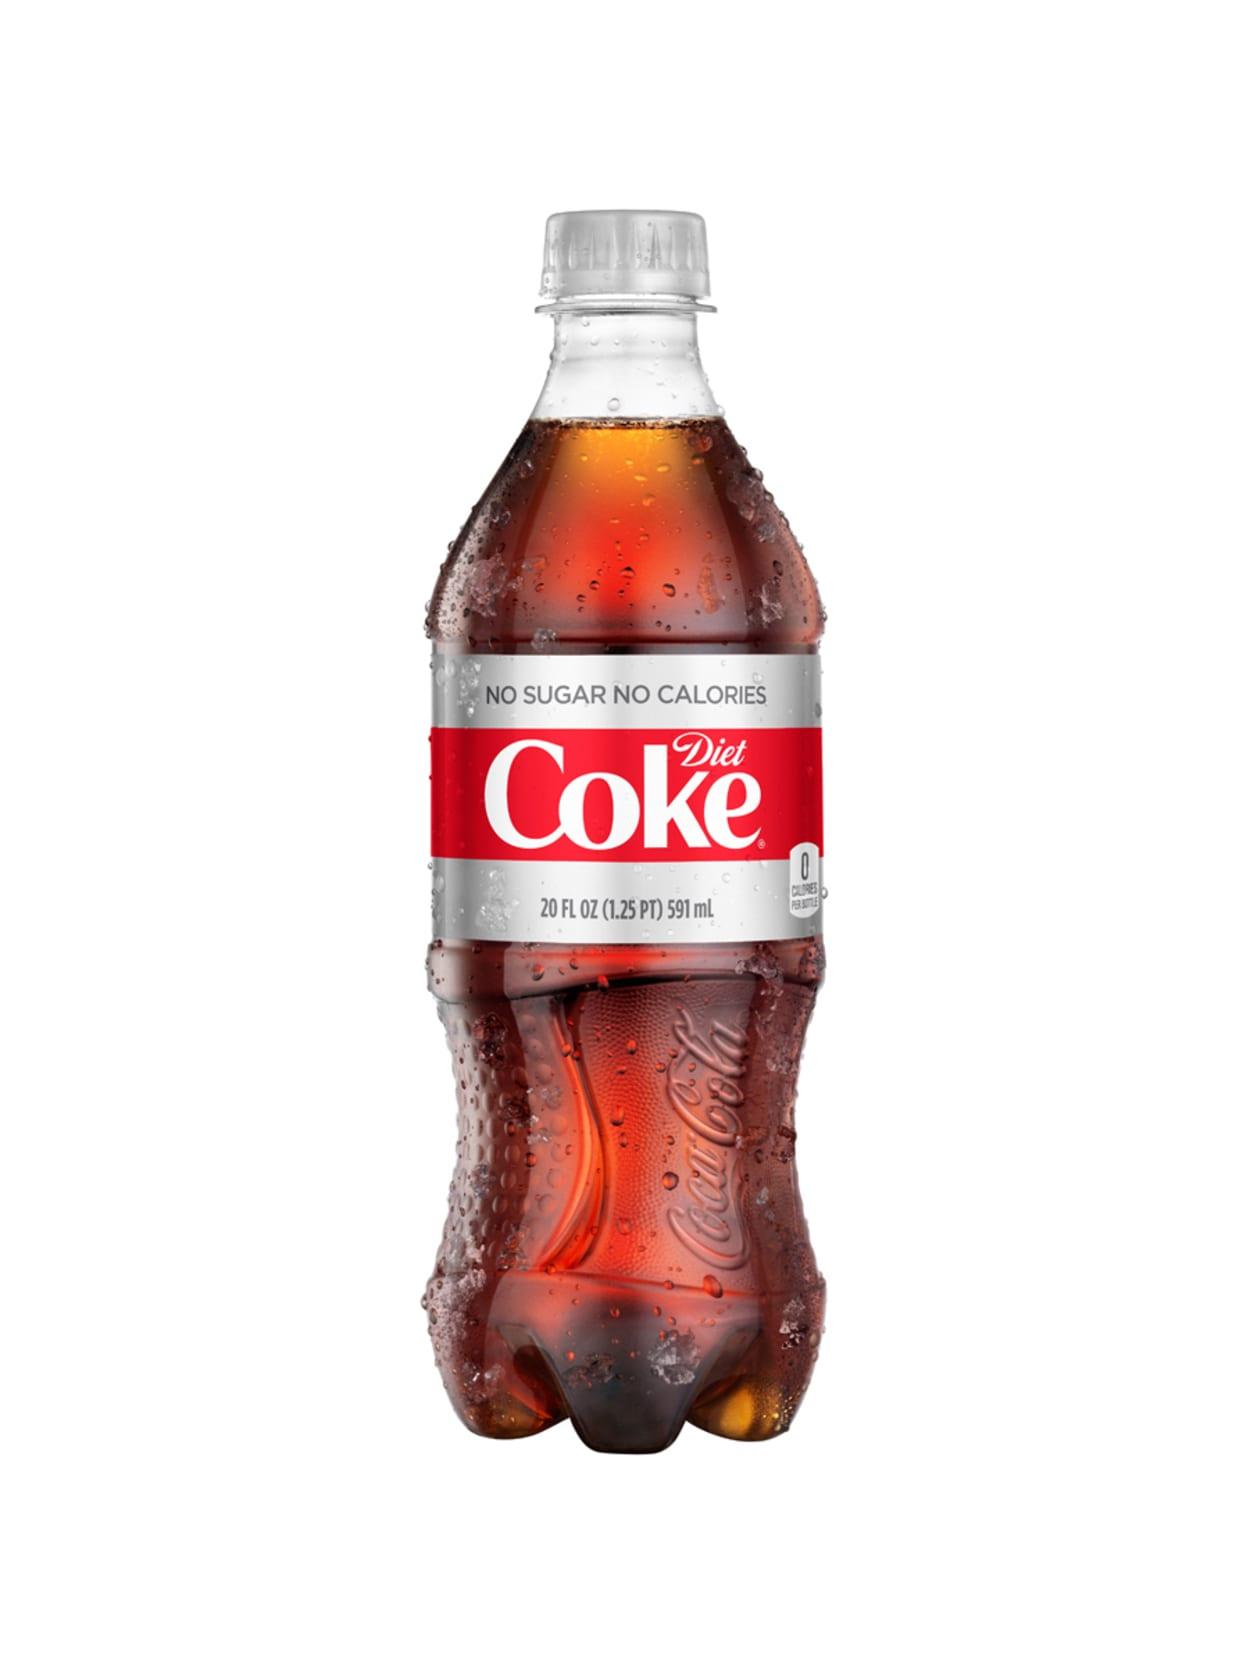 is diet coke sticky?